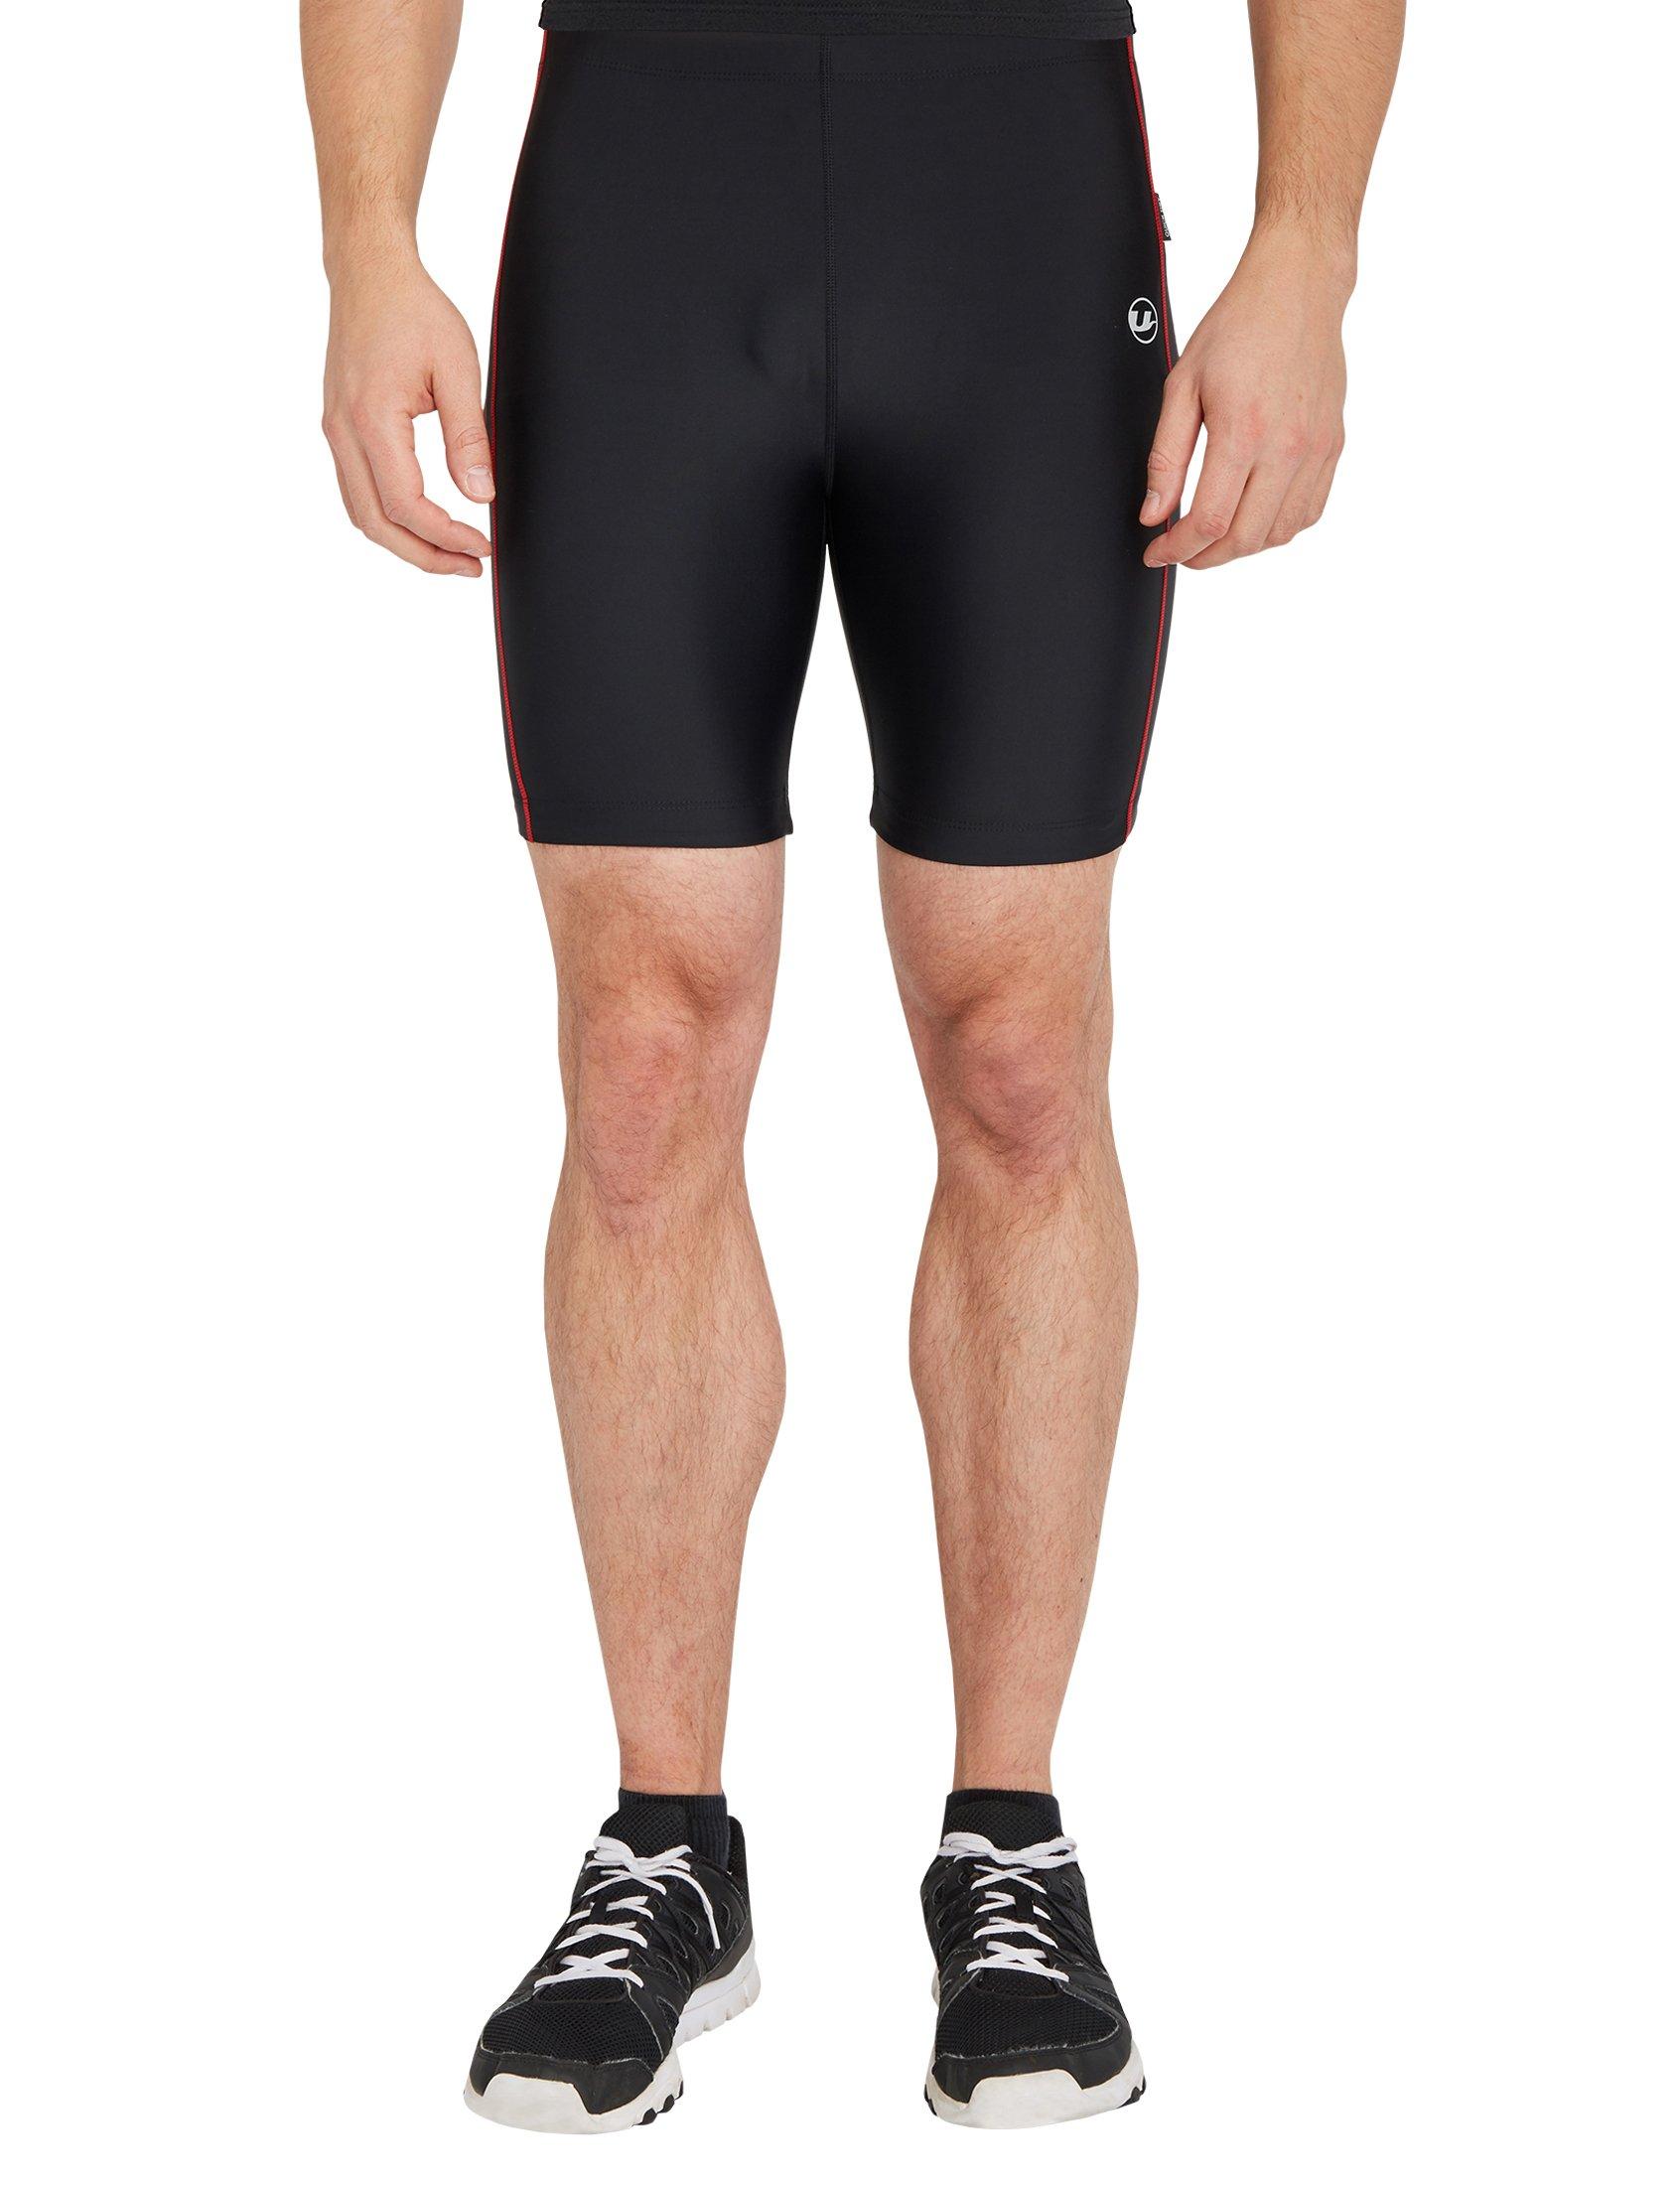 Hombre Función Rápido Fitness Cortos Pantalones Con De Para Ultrasport Hombre; Deporte Secado RjL354Acq